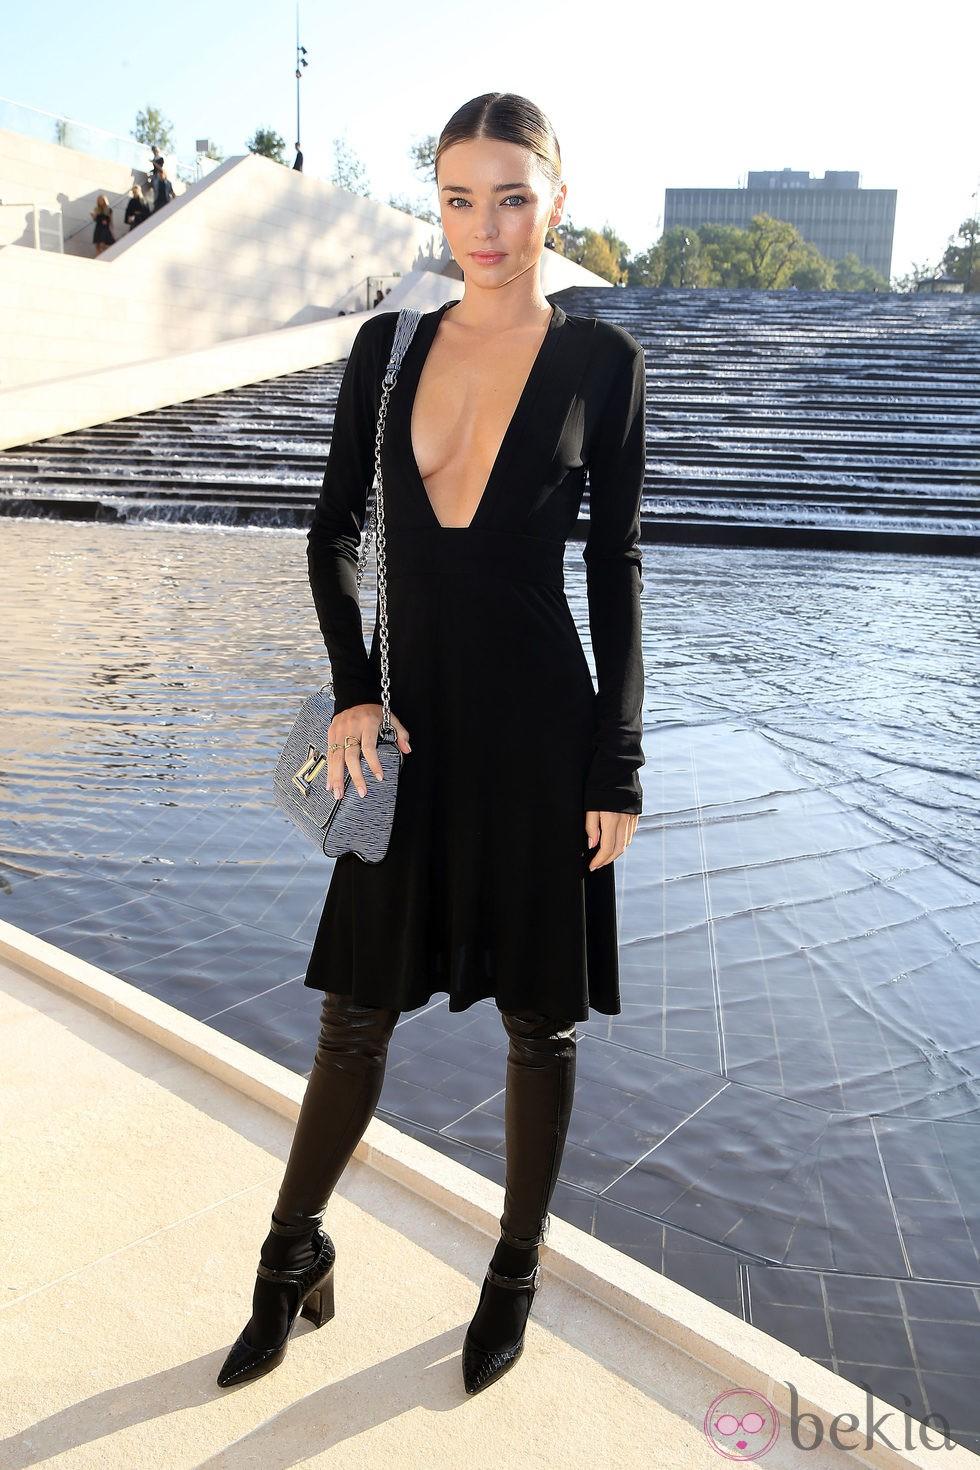 Miranda Kerr en el desfile de Louis Vuitton en la Semana de la Moda de París primavera/verano 2015